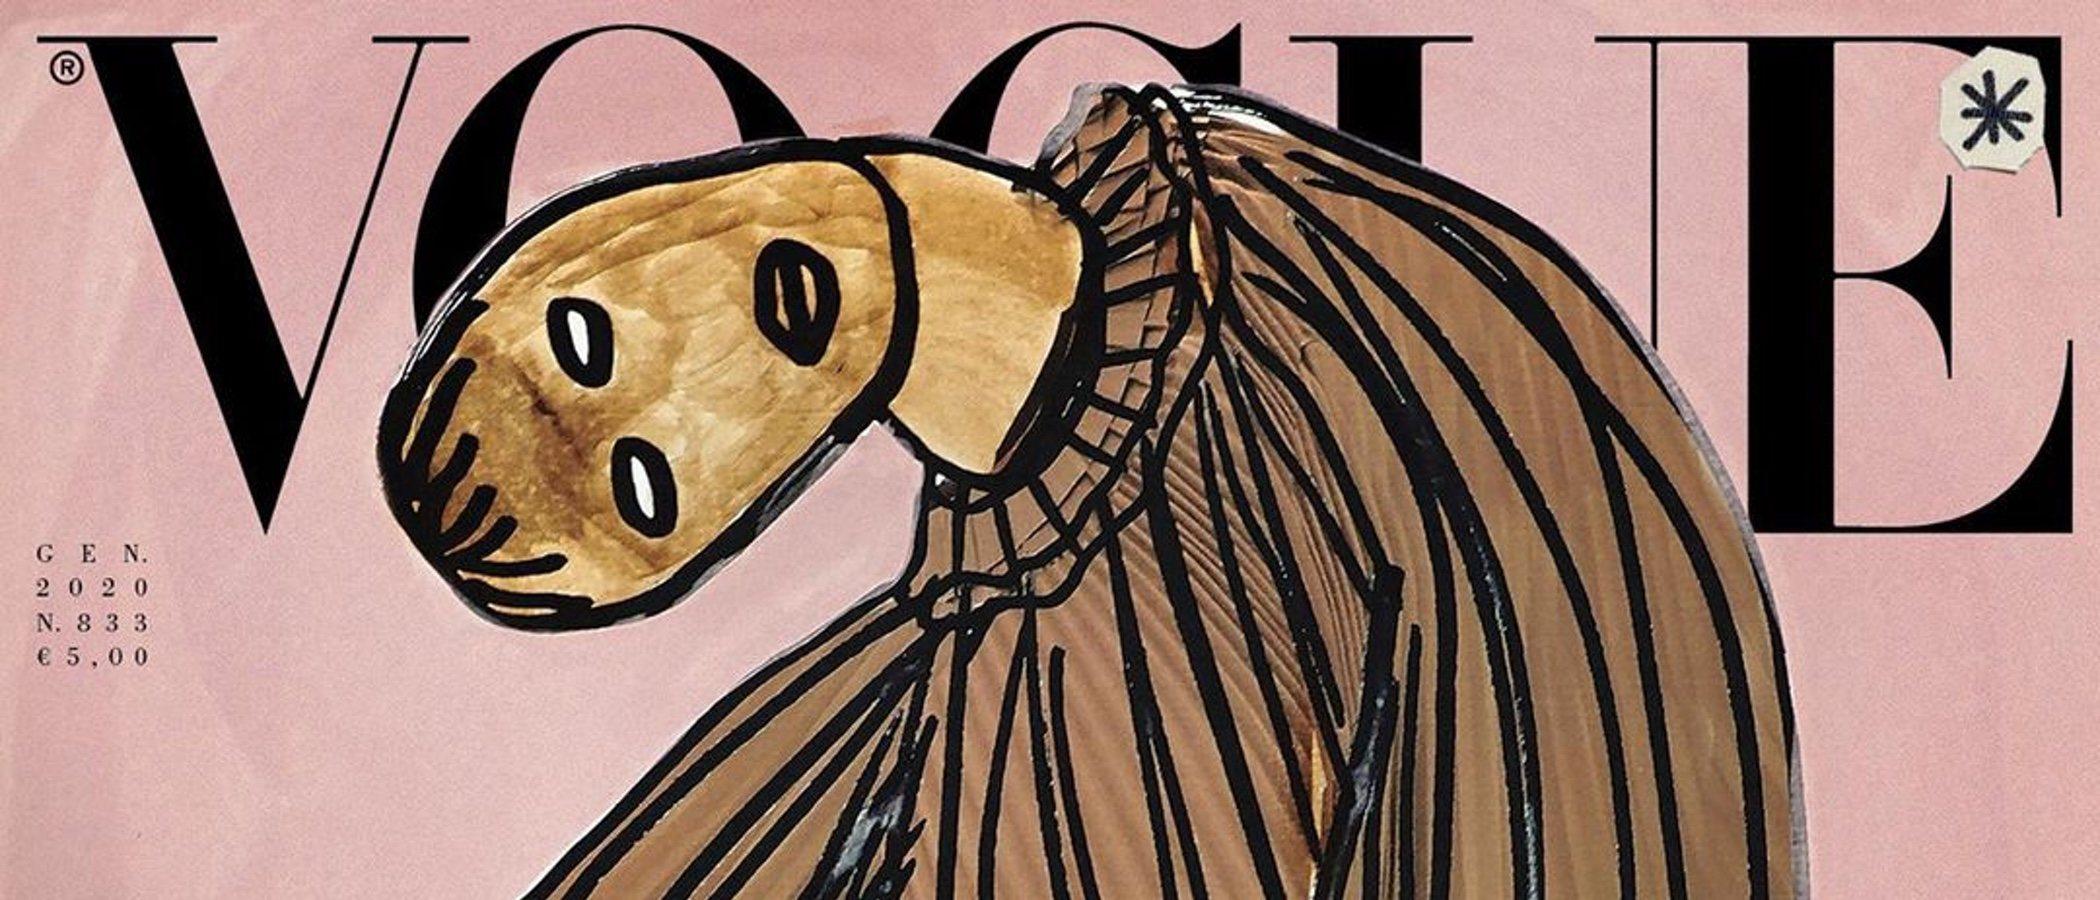 Vogue Italia no tendrá modelos en su portada por una buena causa